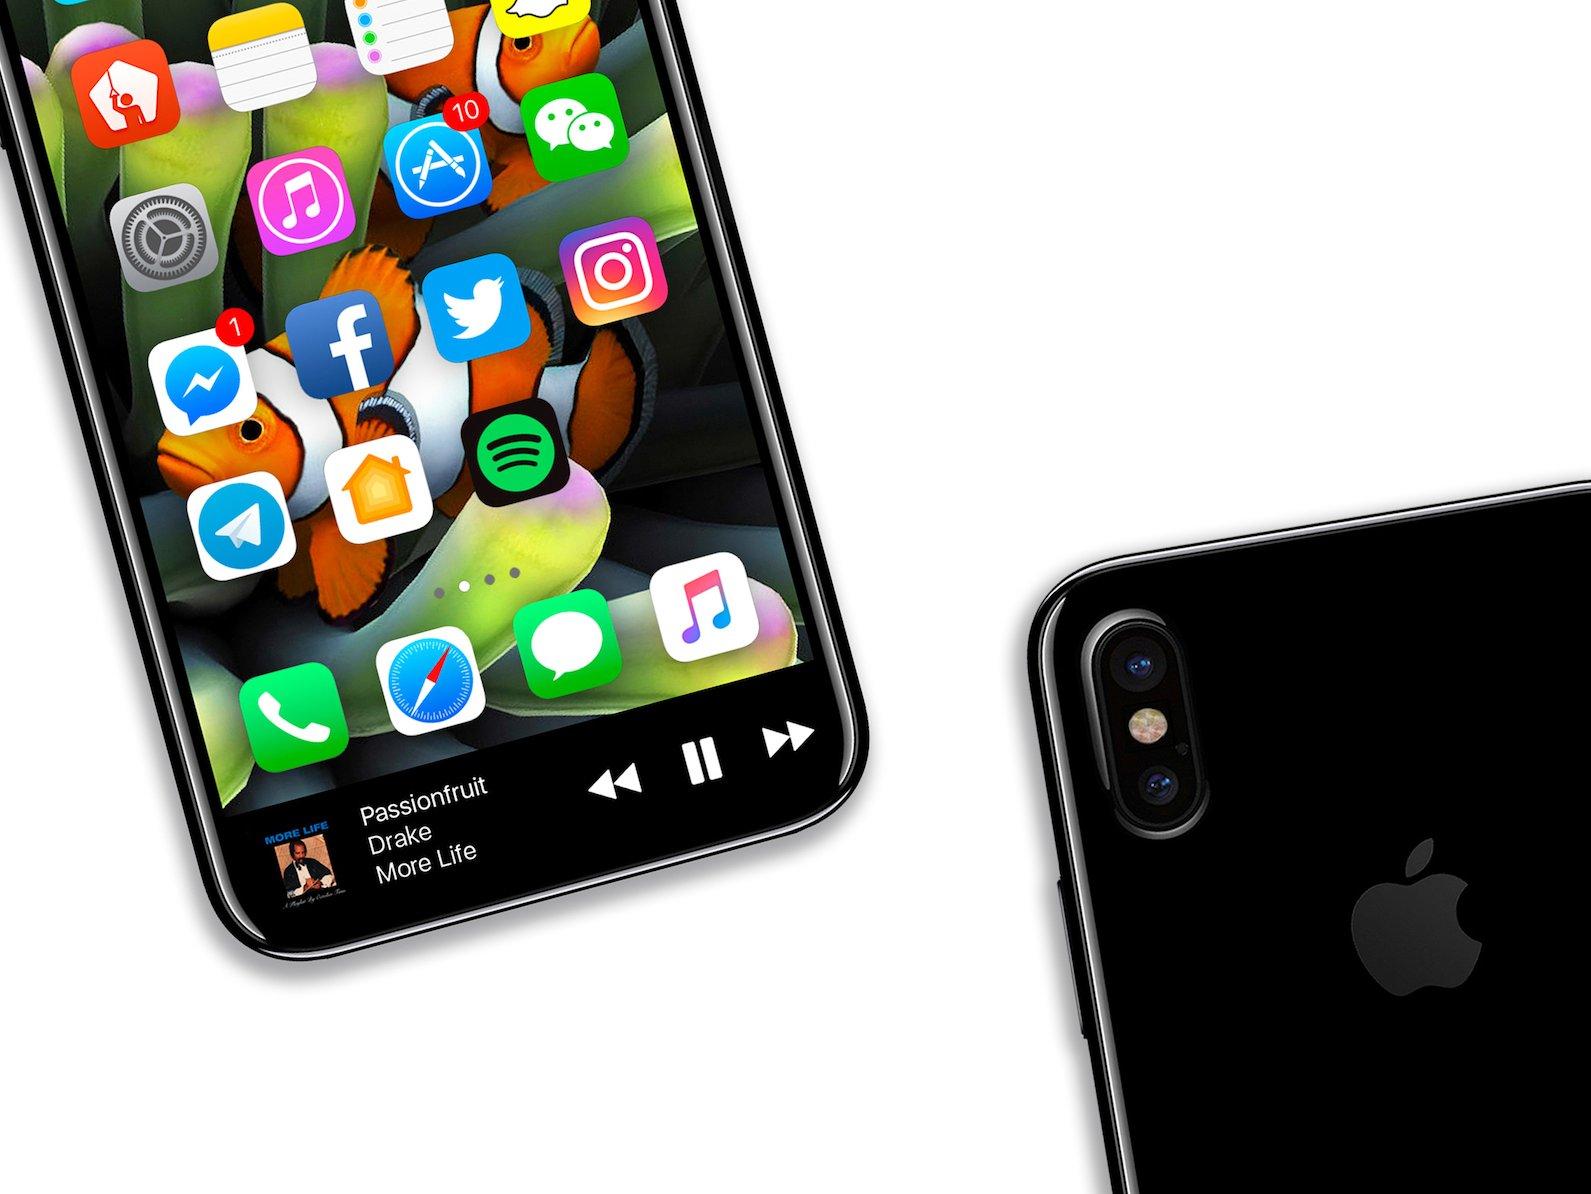 احتمال نبود دکمه هوم در آیفون ۸ بعد از انتشار نسخه ۴ بتای iOS11 قوت گرفت